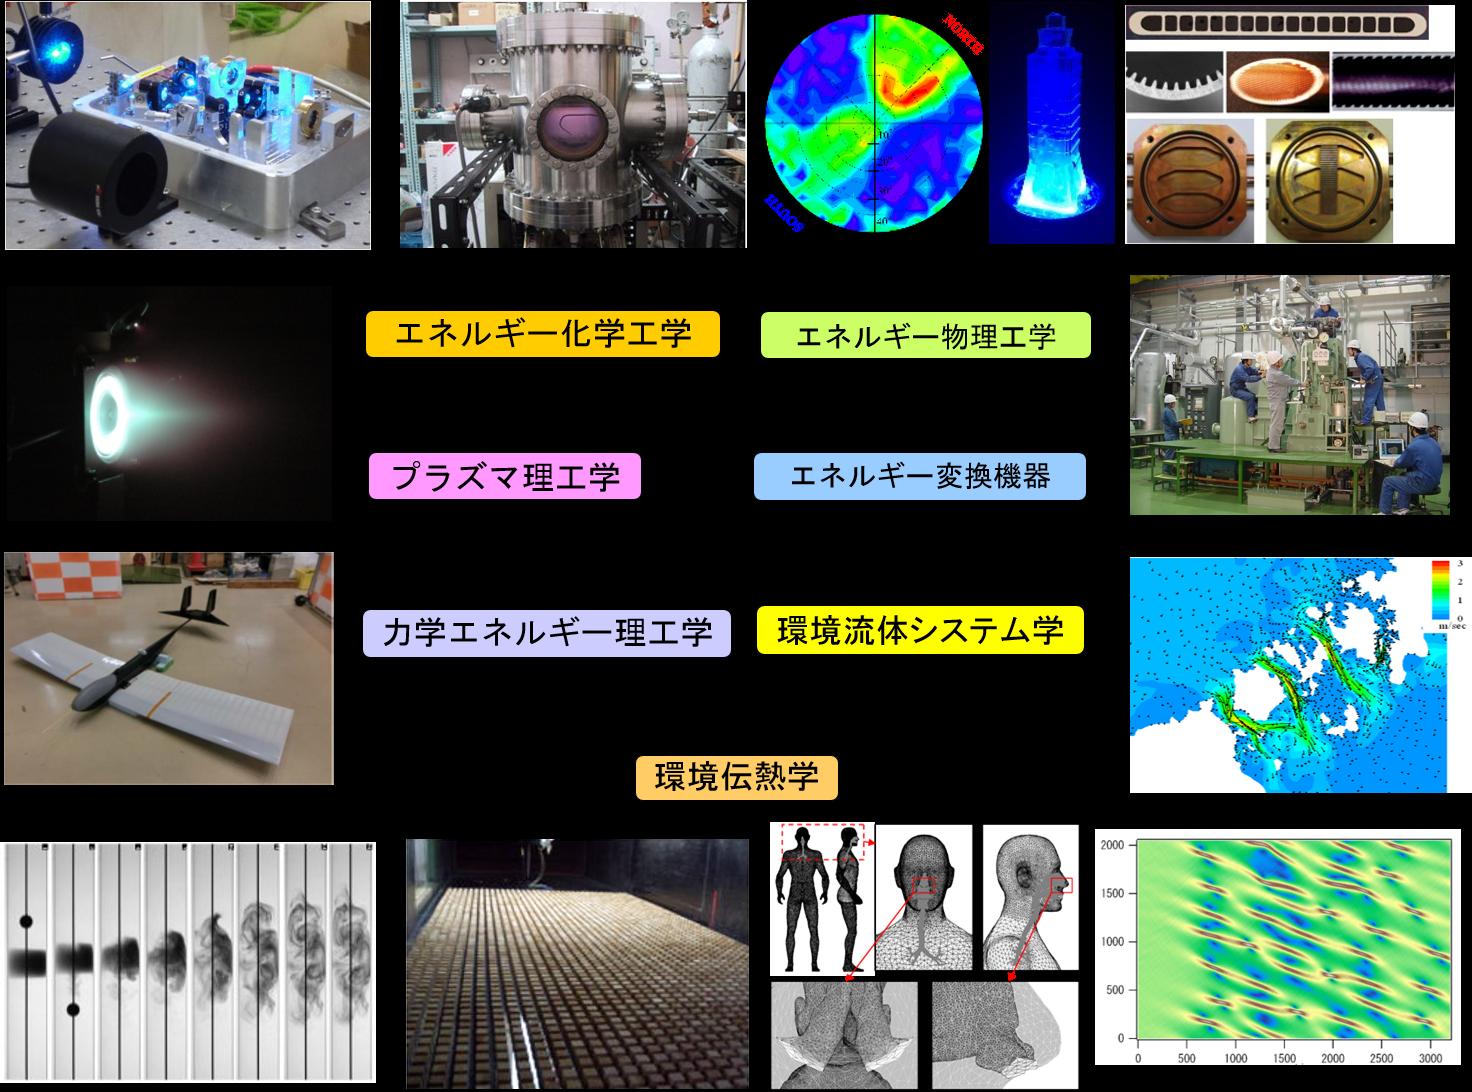 エネルギーシステム工学コース │ 九州大学工学部エネルギー科学科